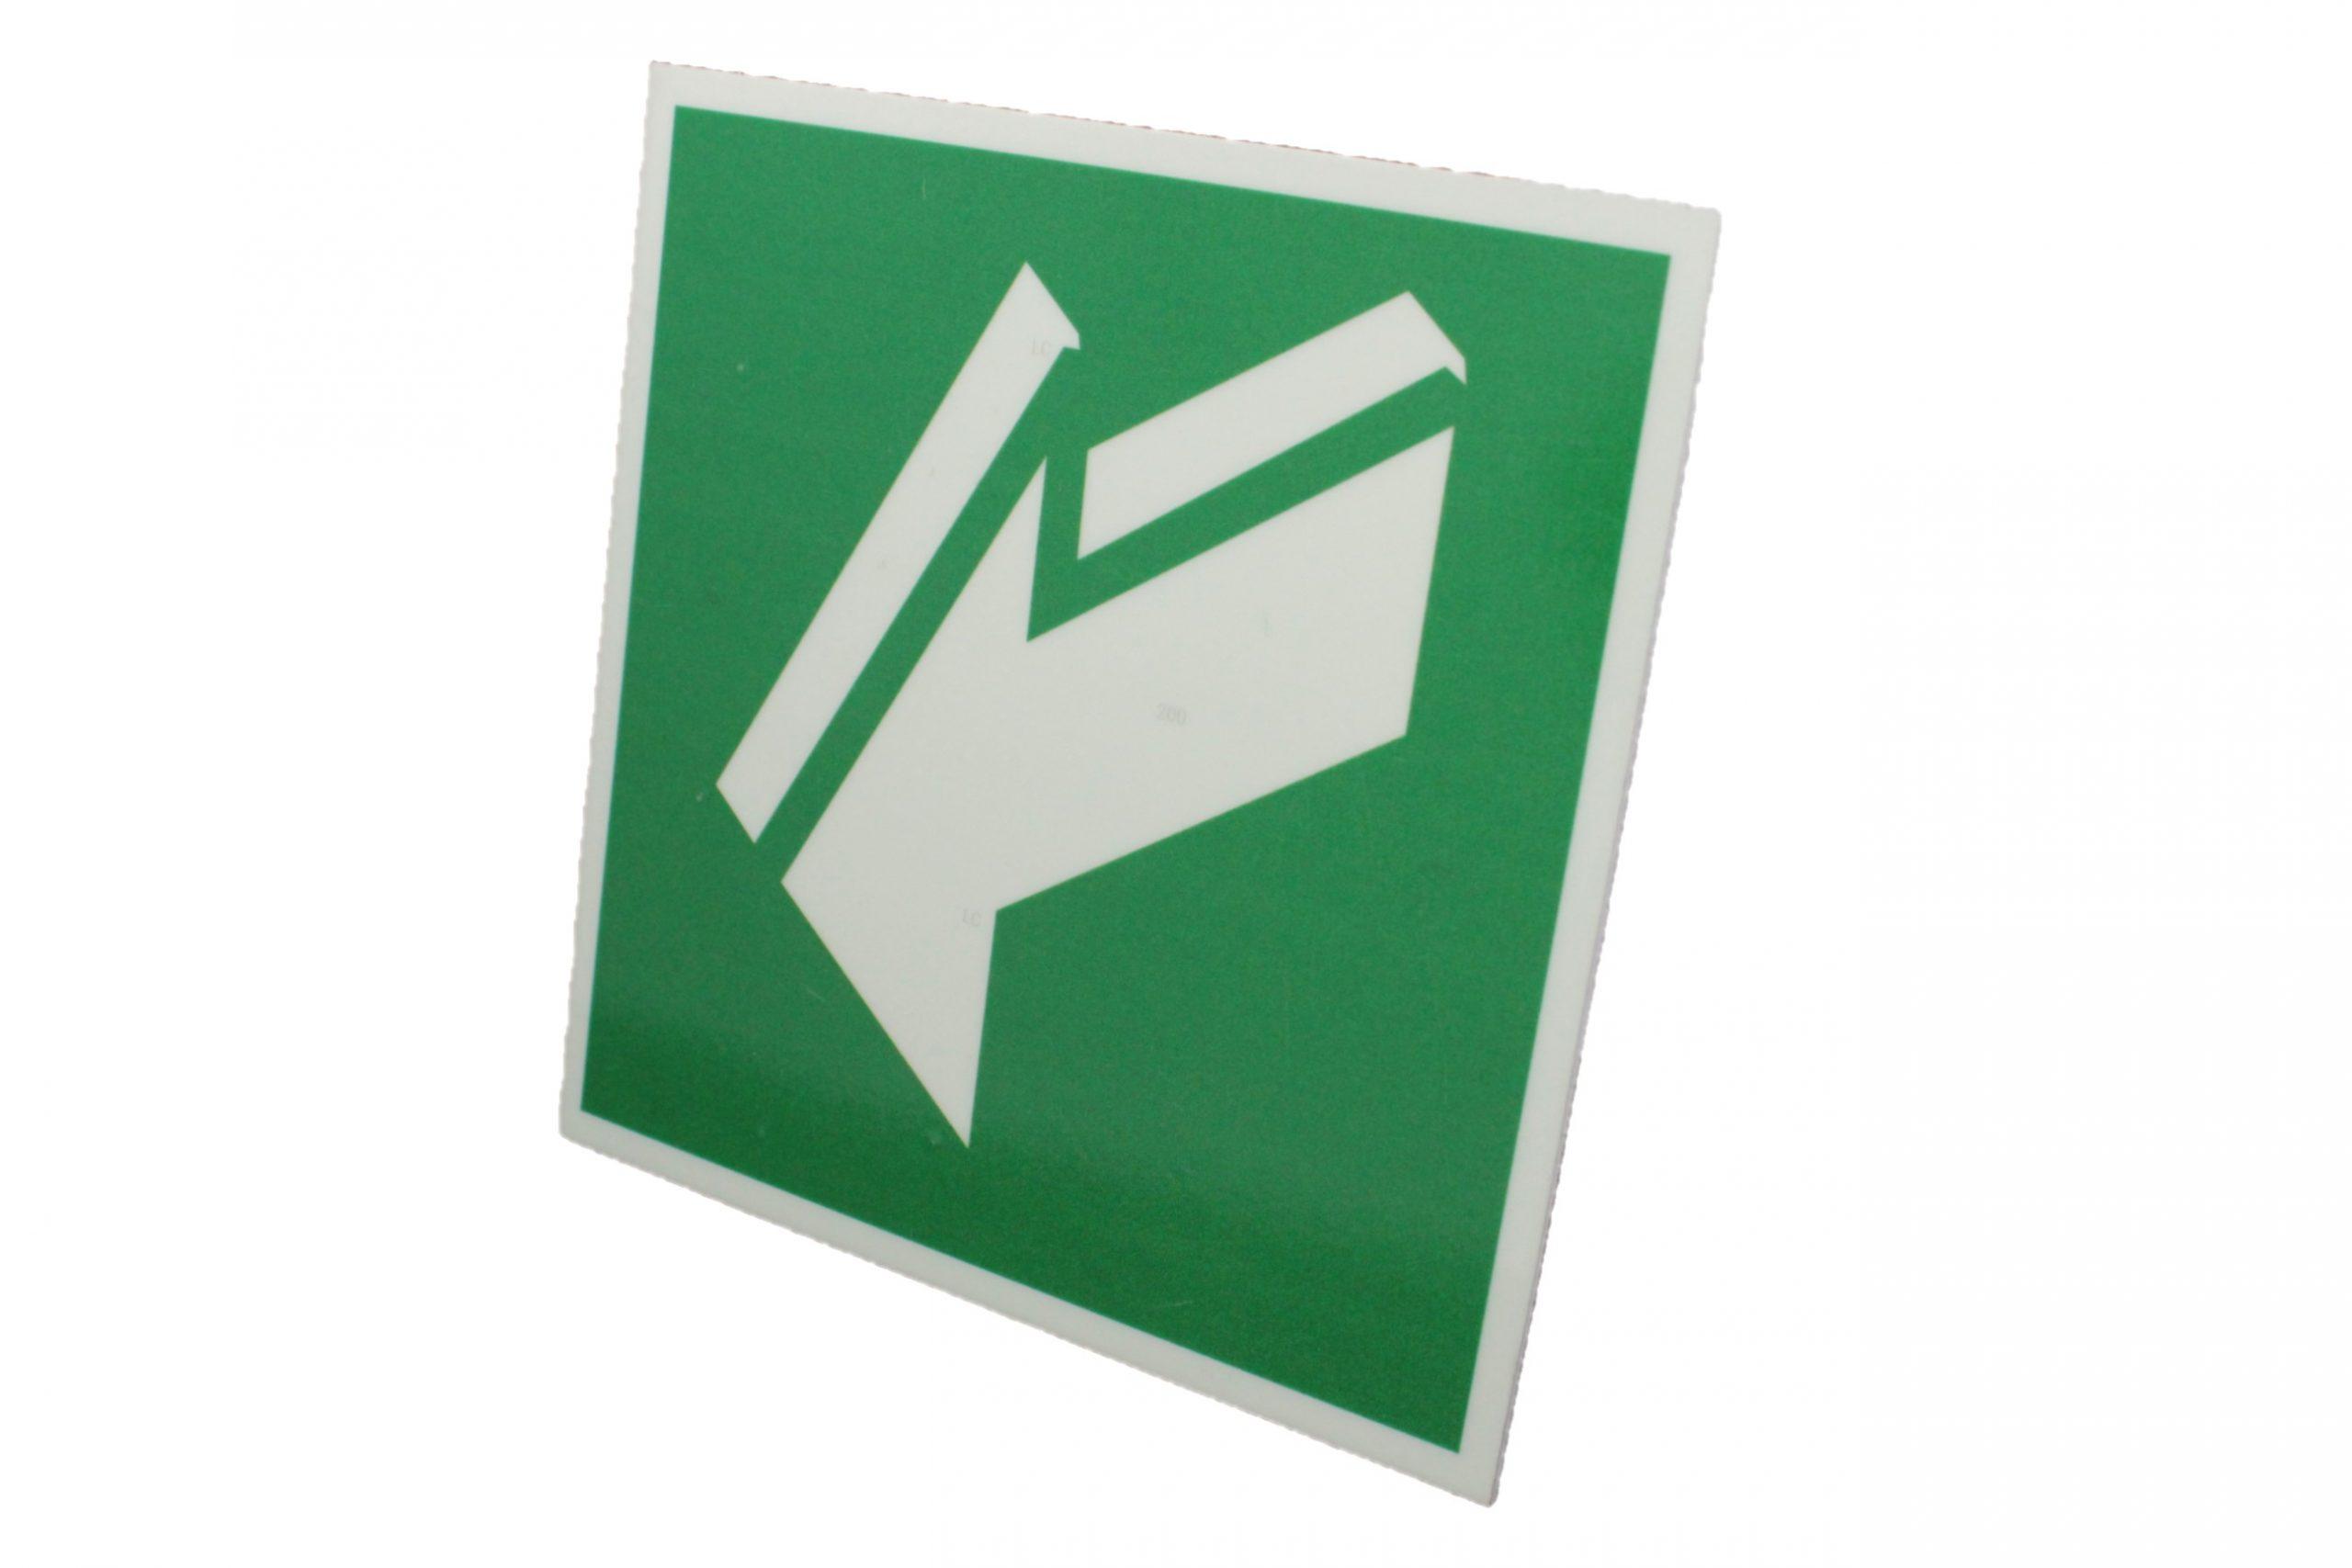 Знак эвакуации фотолюминесцентный открыть движением на себя